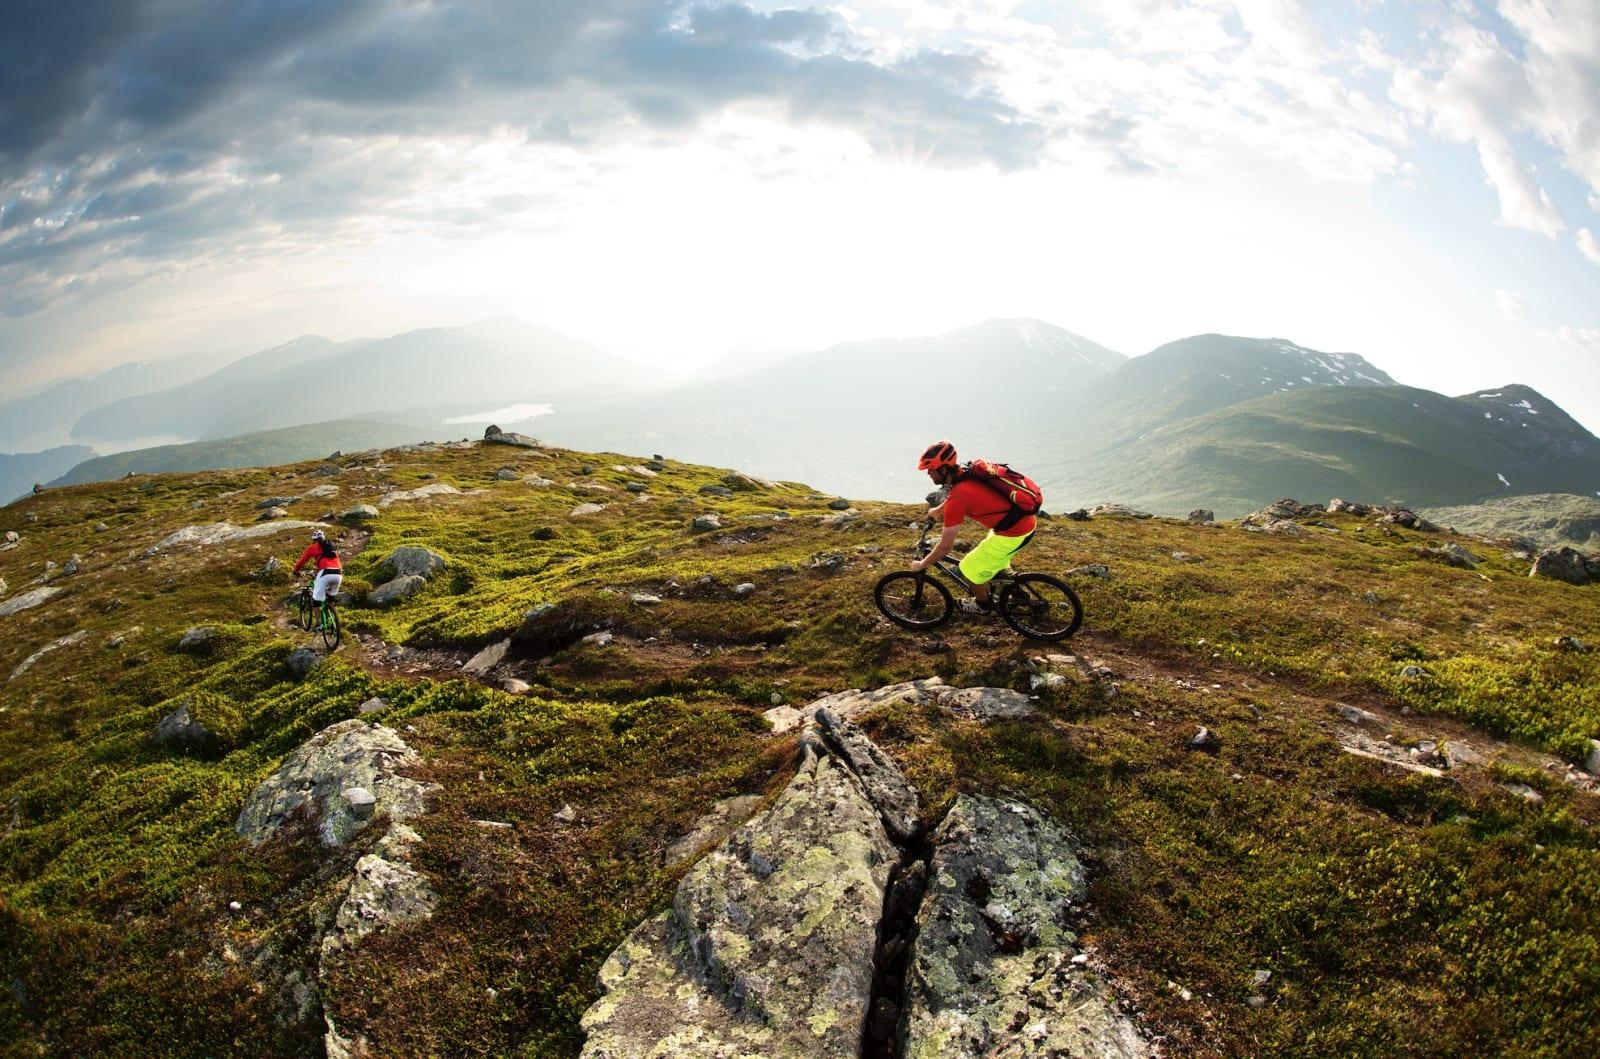 SOLSTEK PÅ GRYTA: En av de beste stiturene i området kan såvidt skimtes fra Stryn sentrum. Kjentmann Halvard Avdem sender Øyvind Østvedt først ned mot utsiktspunktet over bygda.